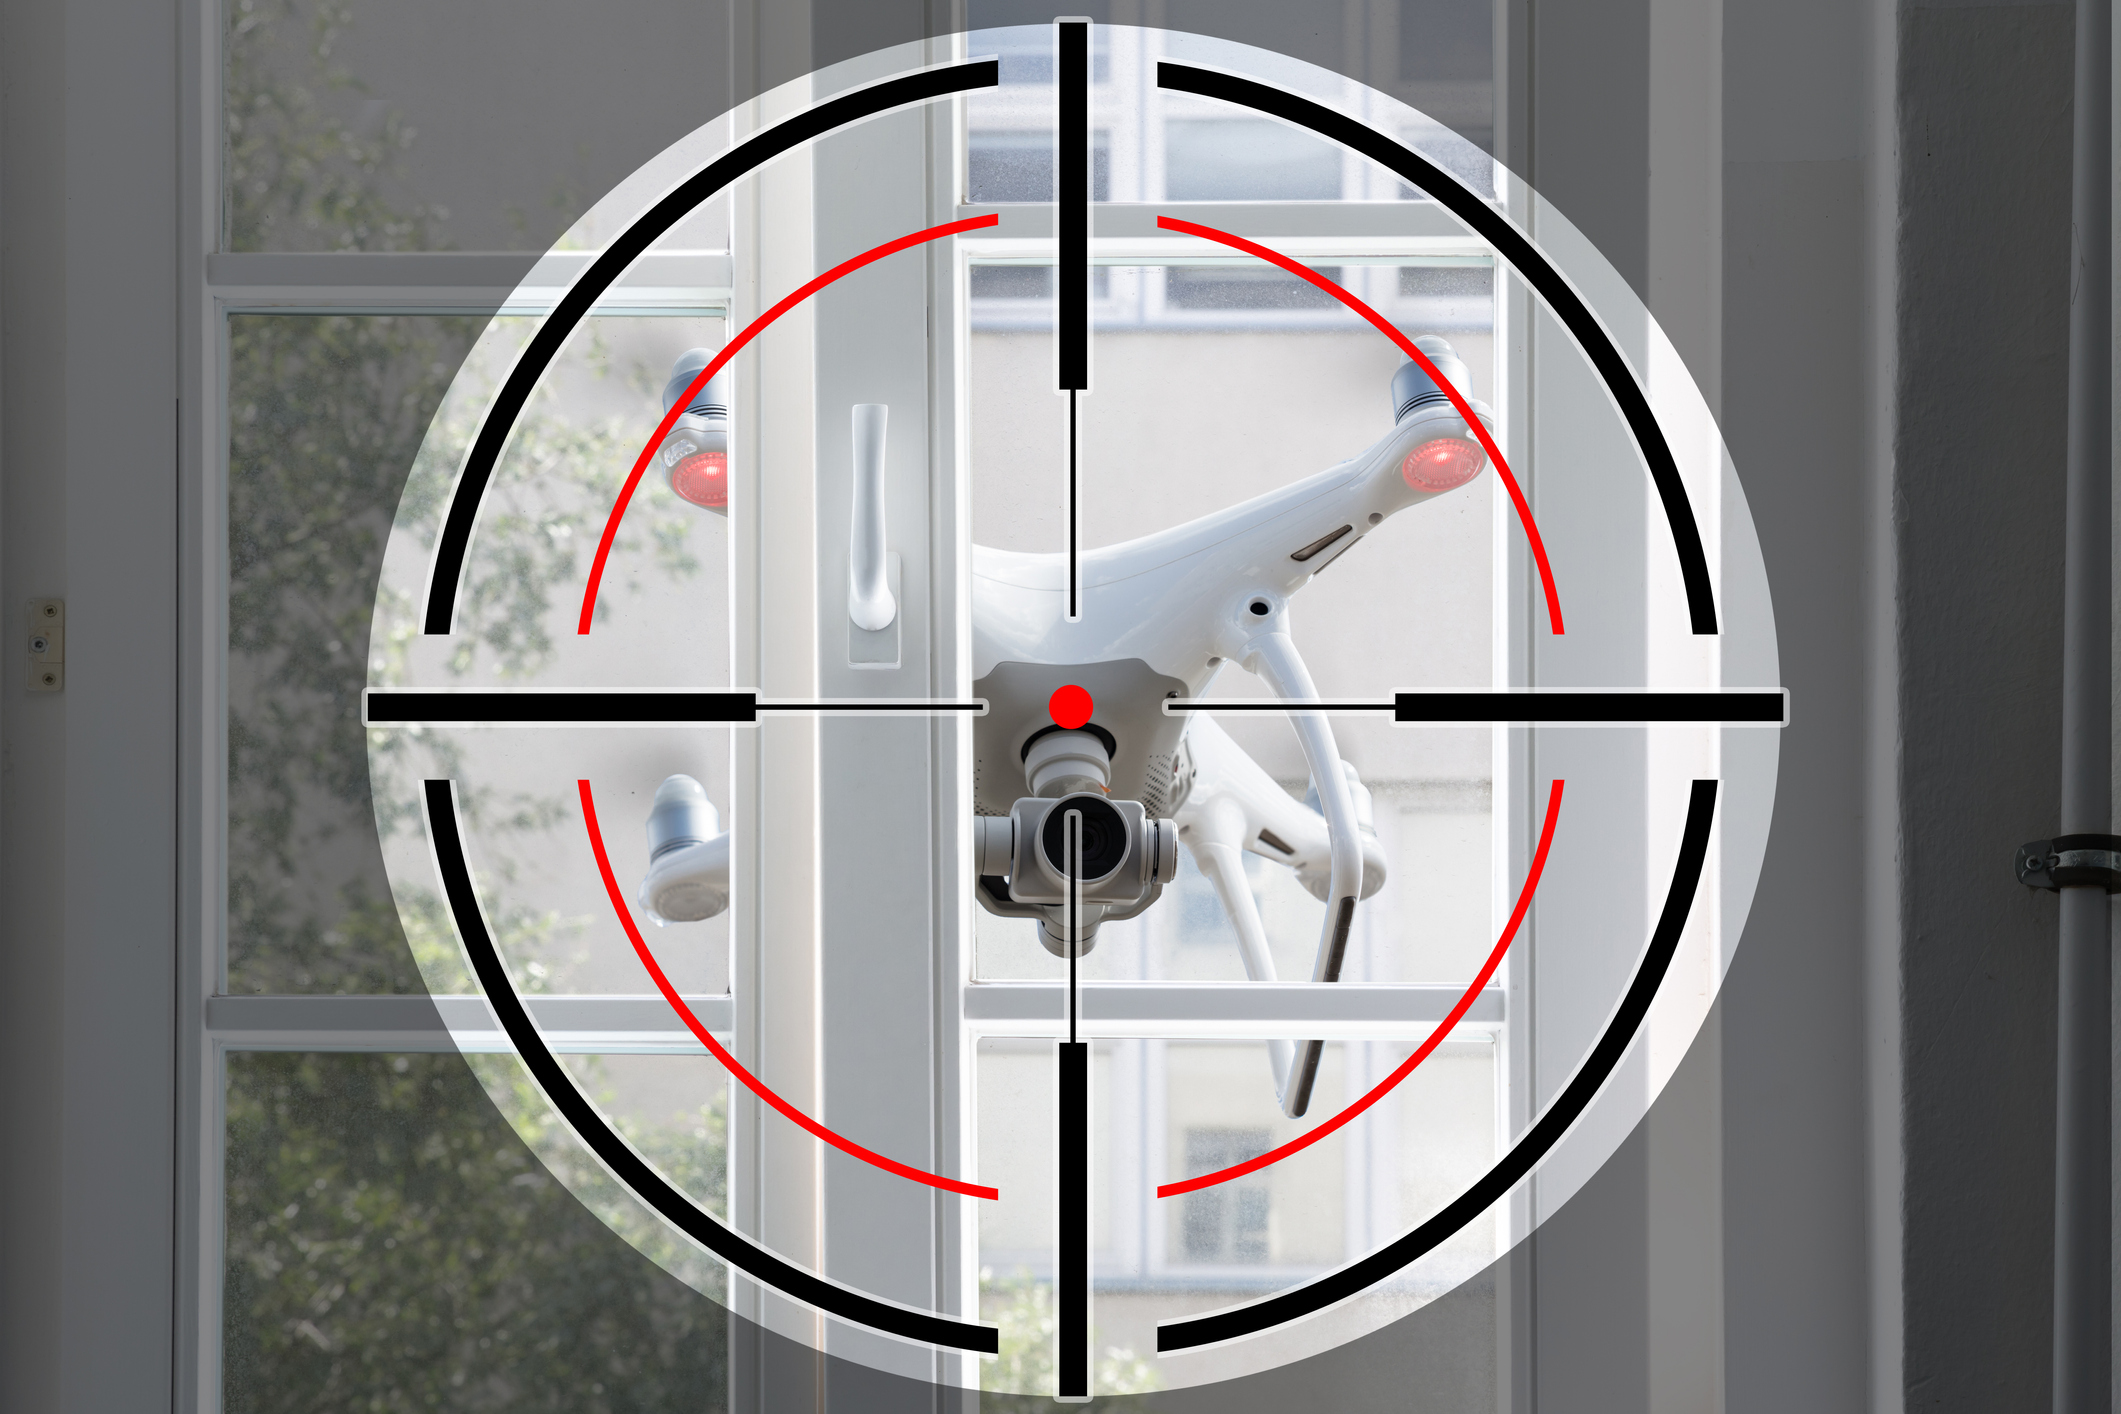 thedronegirl.com - Milestone 1,000 Dedrone sensors sold as drones boom post COVID-19